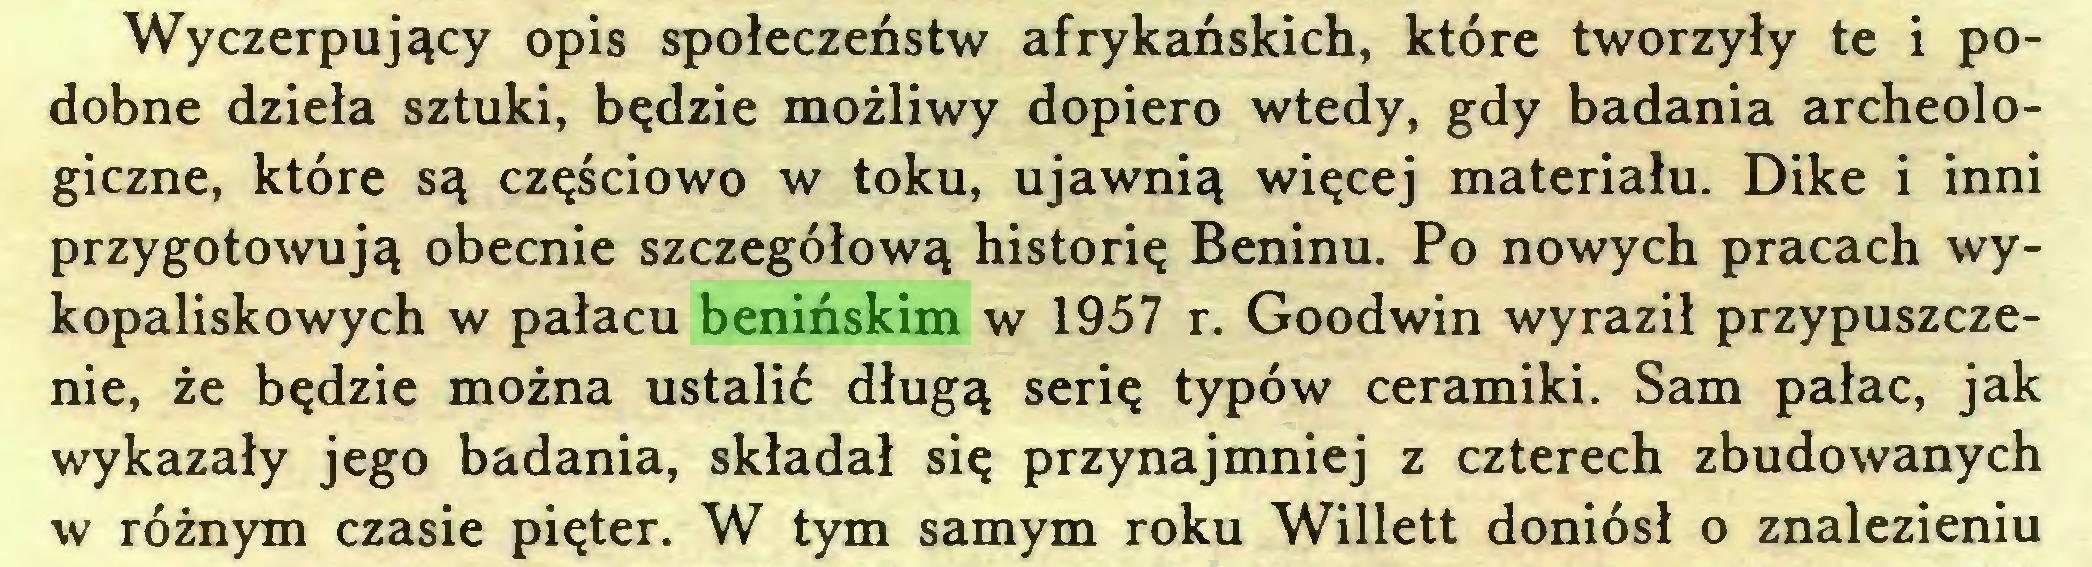 (...) Wyczerpujący opis społeczeństw afrykańskich, które tworzyły te i podobne dzieła sztuki, będzie możliwy dopiero wtedy, gdy badania archeologiczne, które są częściowo w toku, ujawnią więcej materiału. Dike i inni przygotowują obecnie szczegółową historię Beninu. Po nowych pracach wykopaliskowych w pałacu benińskim w 1957 r. Goodwin wyraził przypuszczenie, że będzie można ustalić długą serię typów ceramiki. Sam pałac, jak wykazały jego badania, składał się przynajmniej z czterech zbudowanych w różnym czasie pięter. W tym samym roku Willett doniósł o znalezieniu...